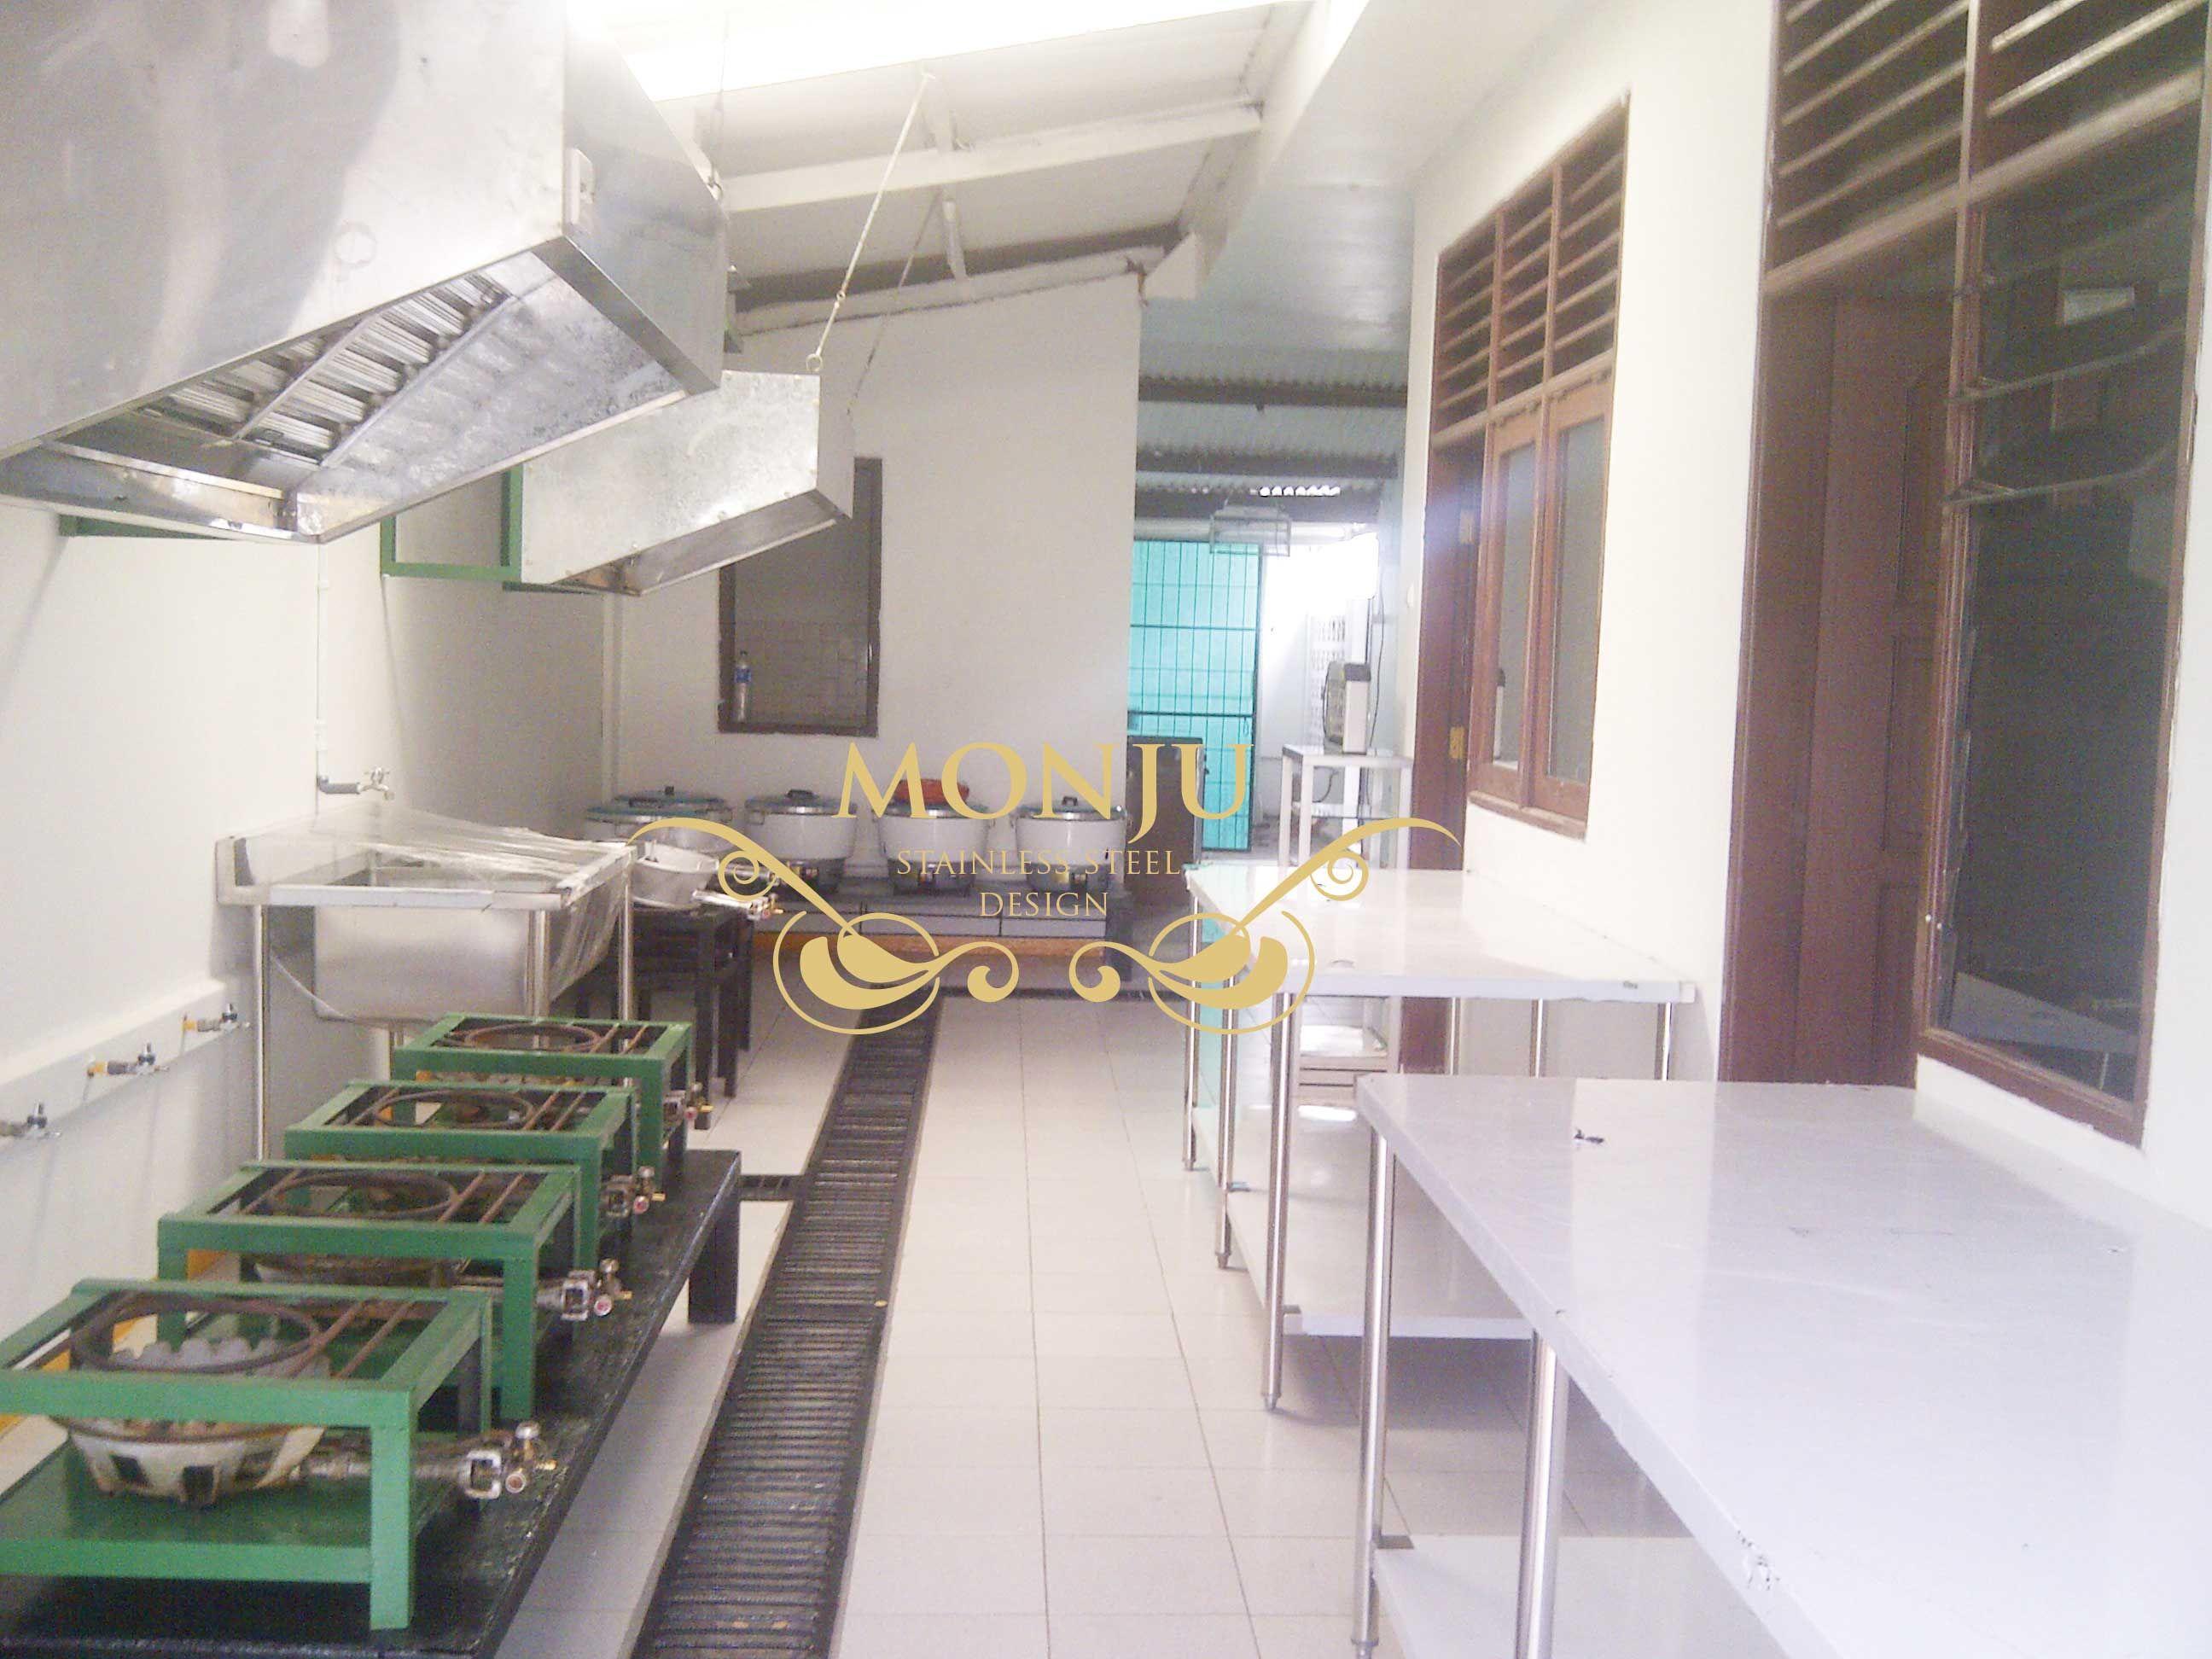 Desain Dapur Untuk Usaha Catering  Desain, Desain produk, Desain